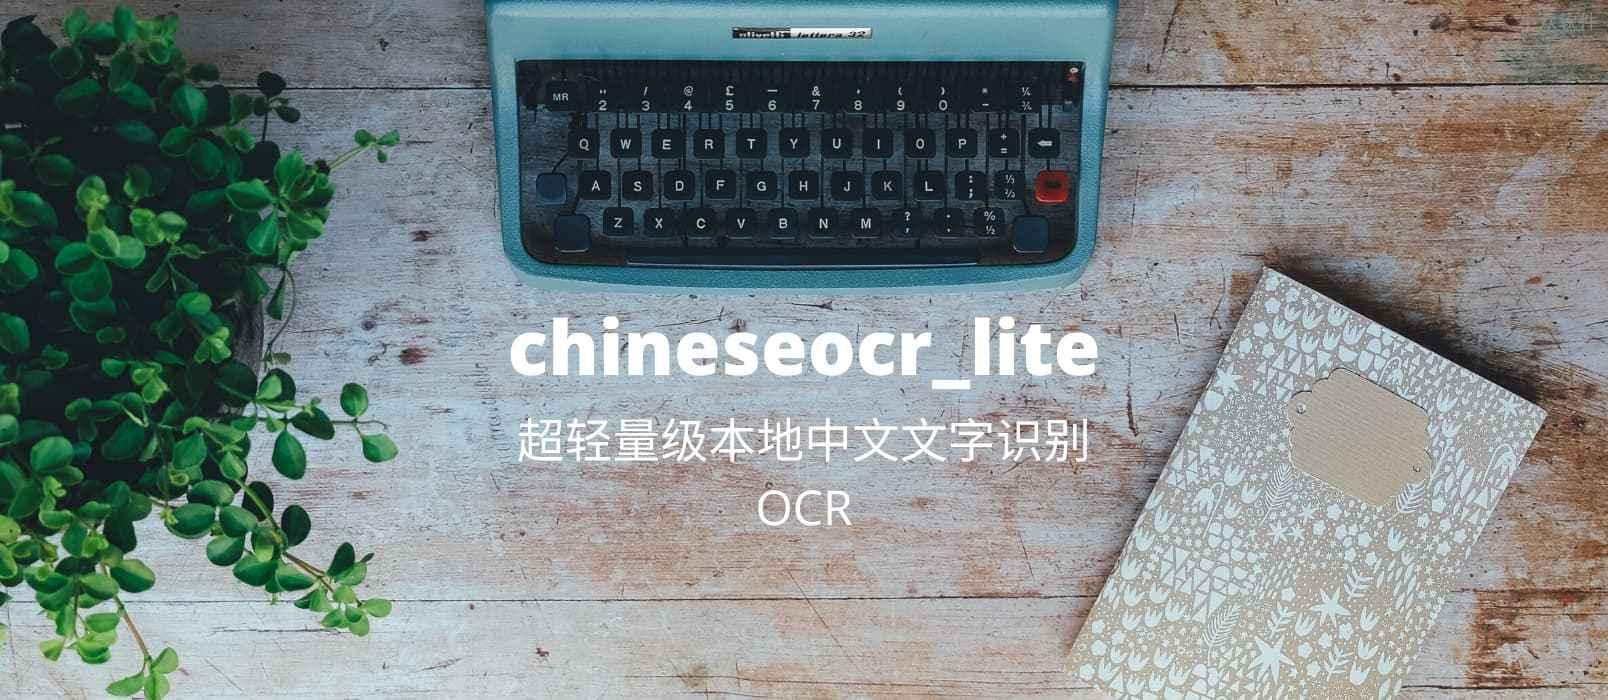 软件 | chineseocr_lite – 超轻量级中文 OCR,本地文字识别工具插图1